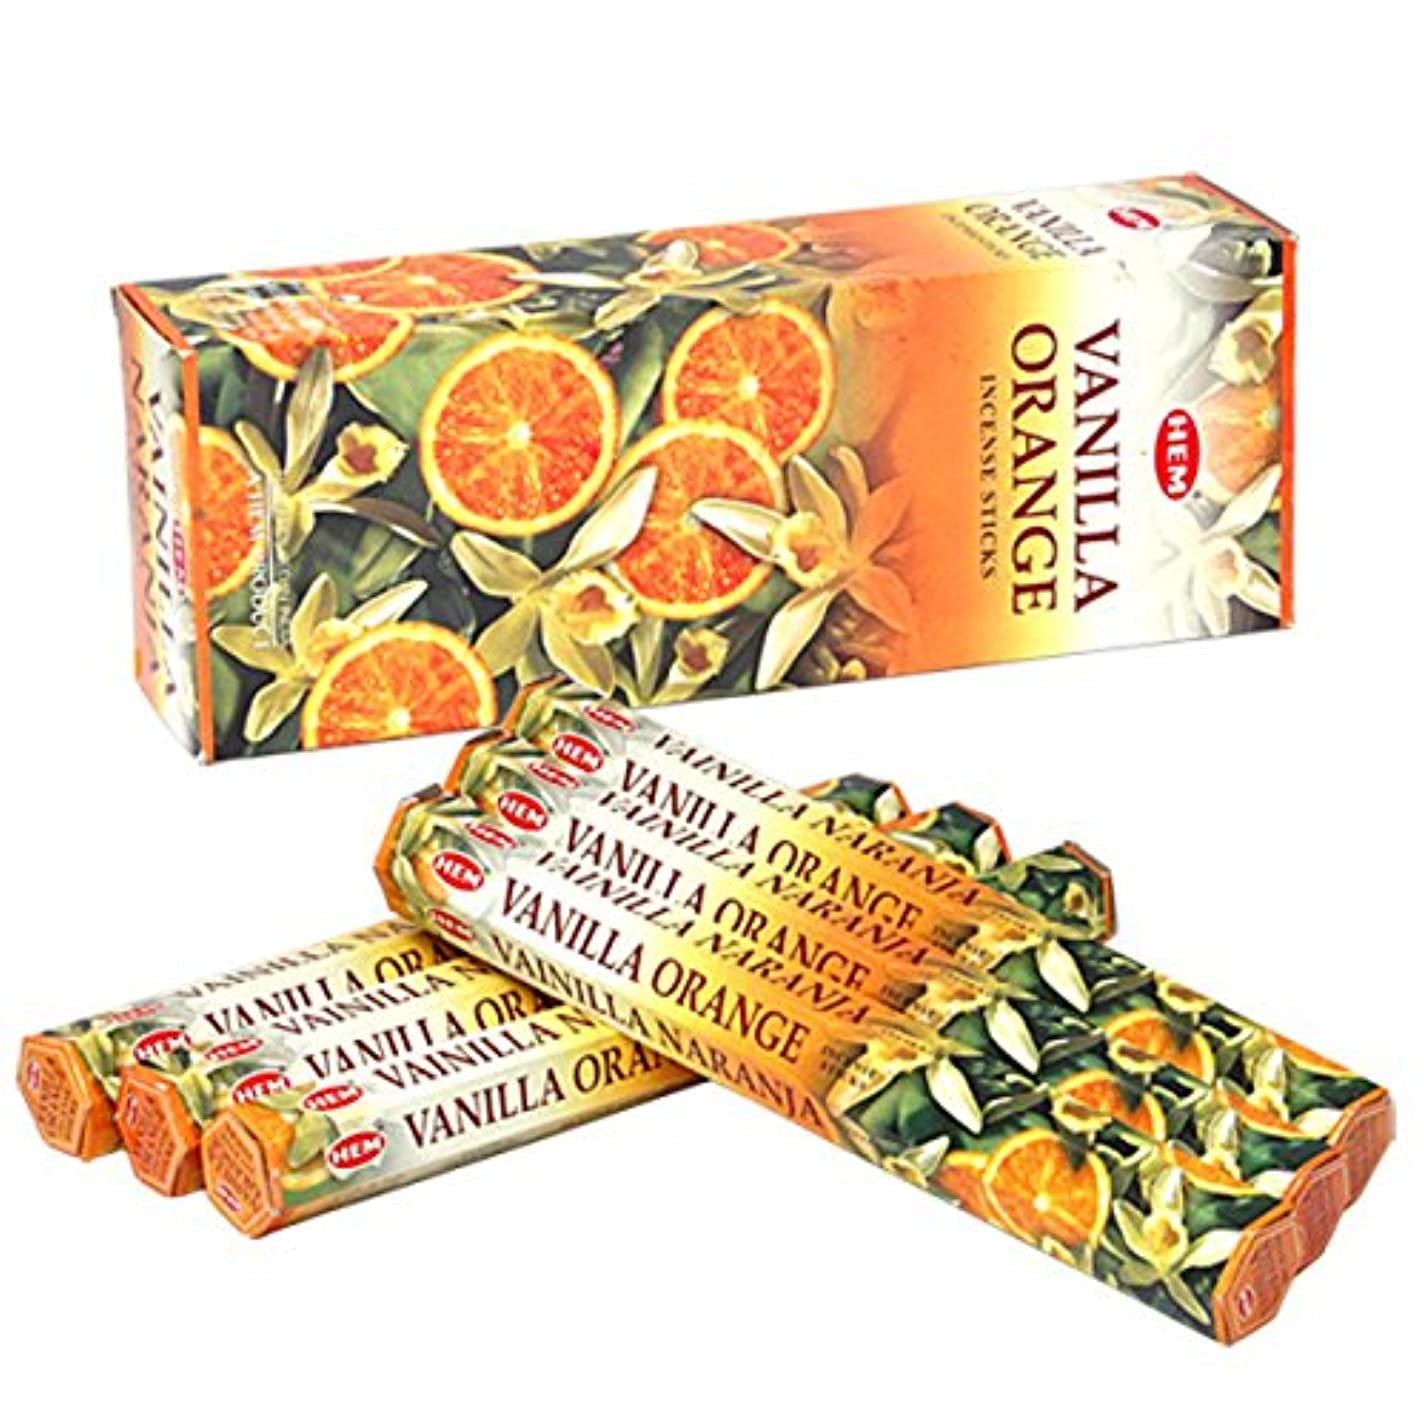 アクセス認知糸HEM(ヘム) バニラオレンジ VANILLA ORANGE スティックタイプ お香 6筒 セット [並行輸入品]